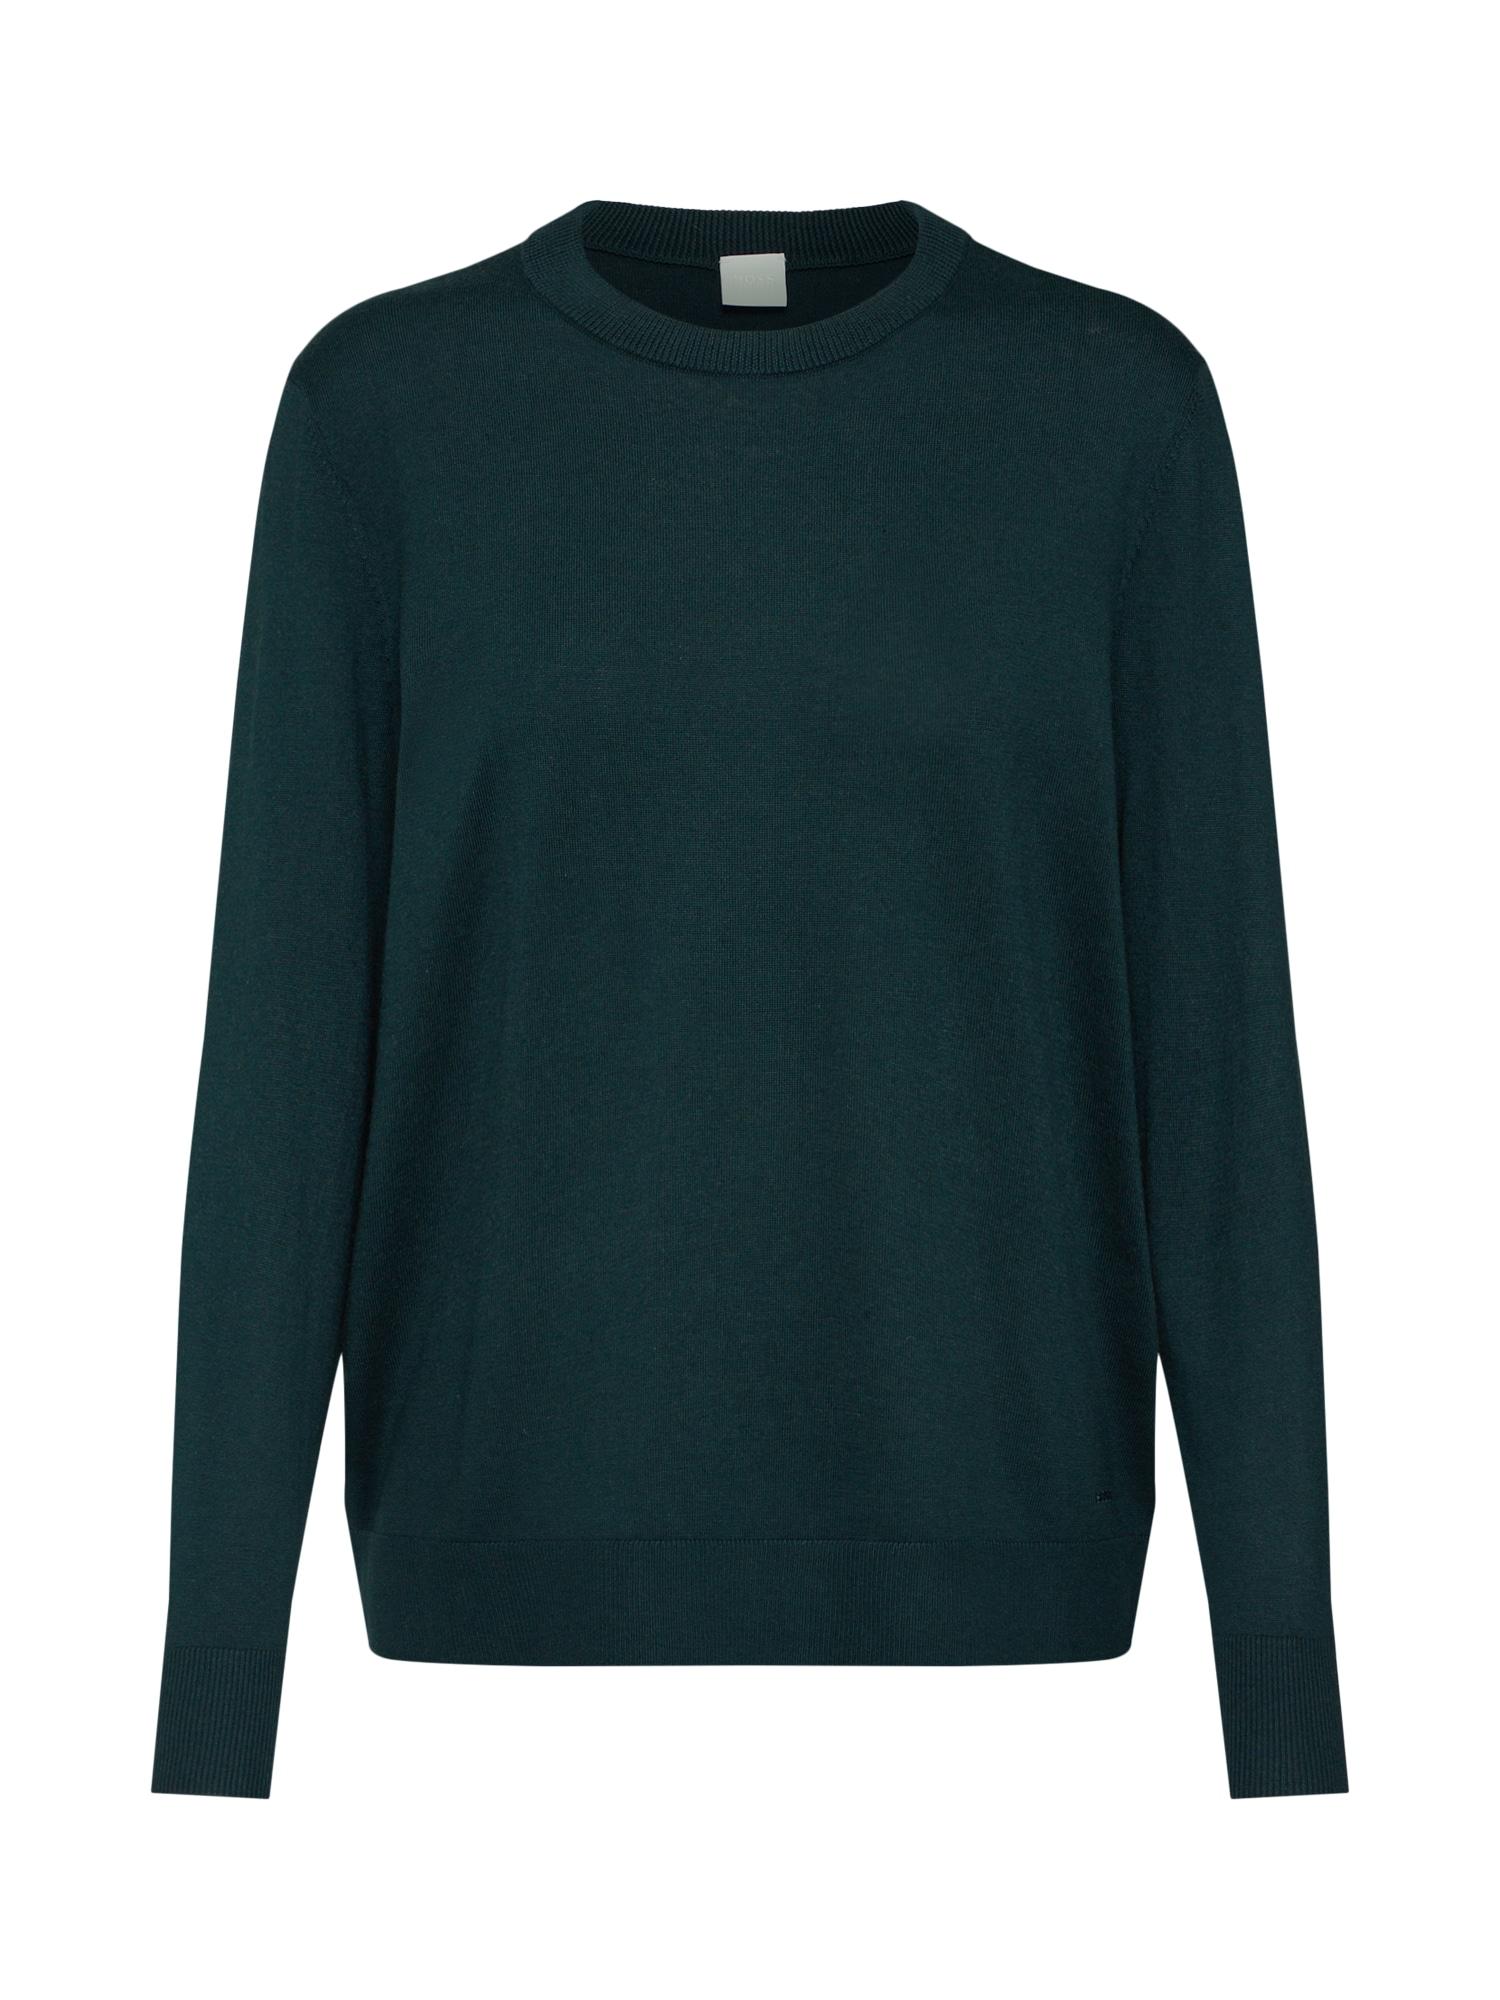 BOSS Megztinis 'Ibinna' tamsiai žalia